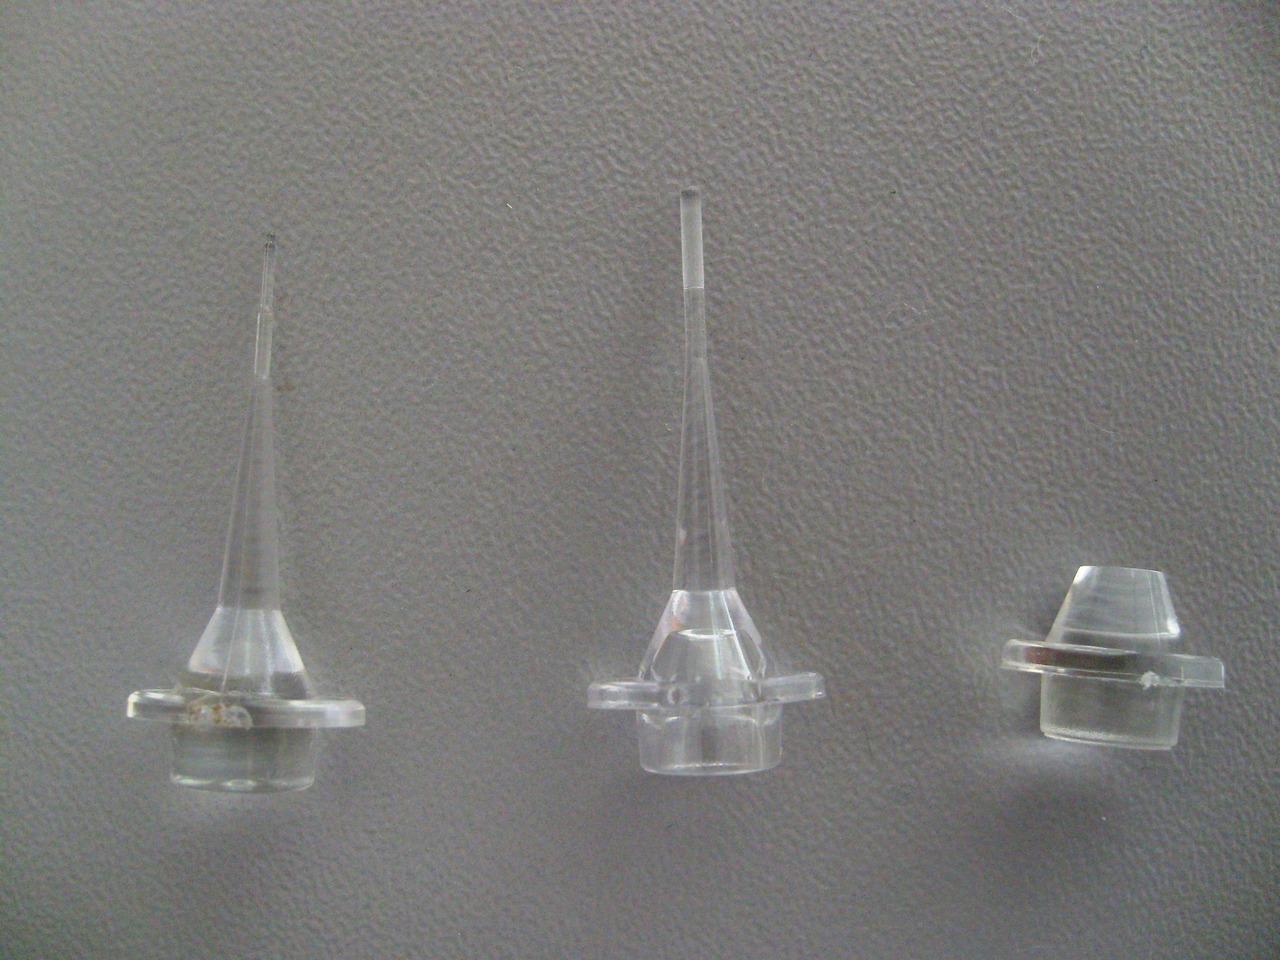 Рис. 4. Световоды для обработки каналов, пародонтальных карманов, слизистой оболочки (слева направо).